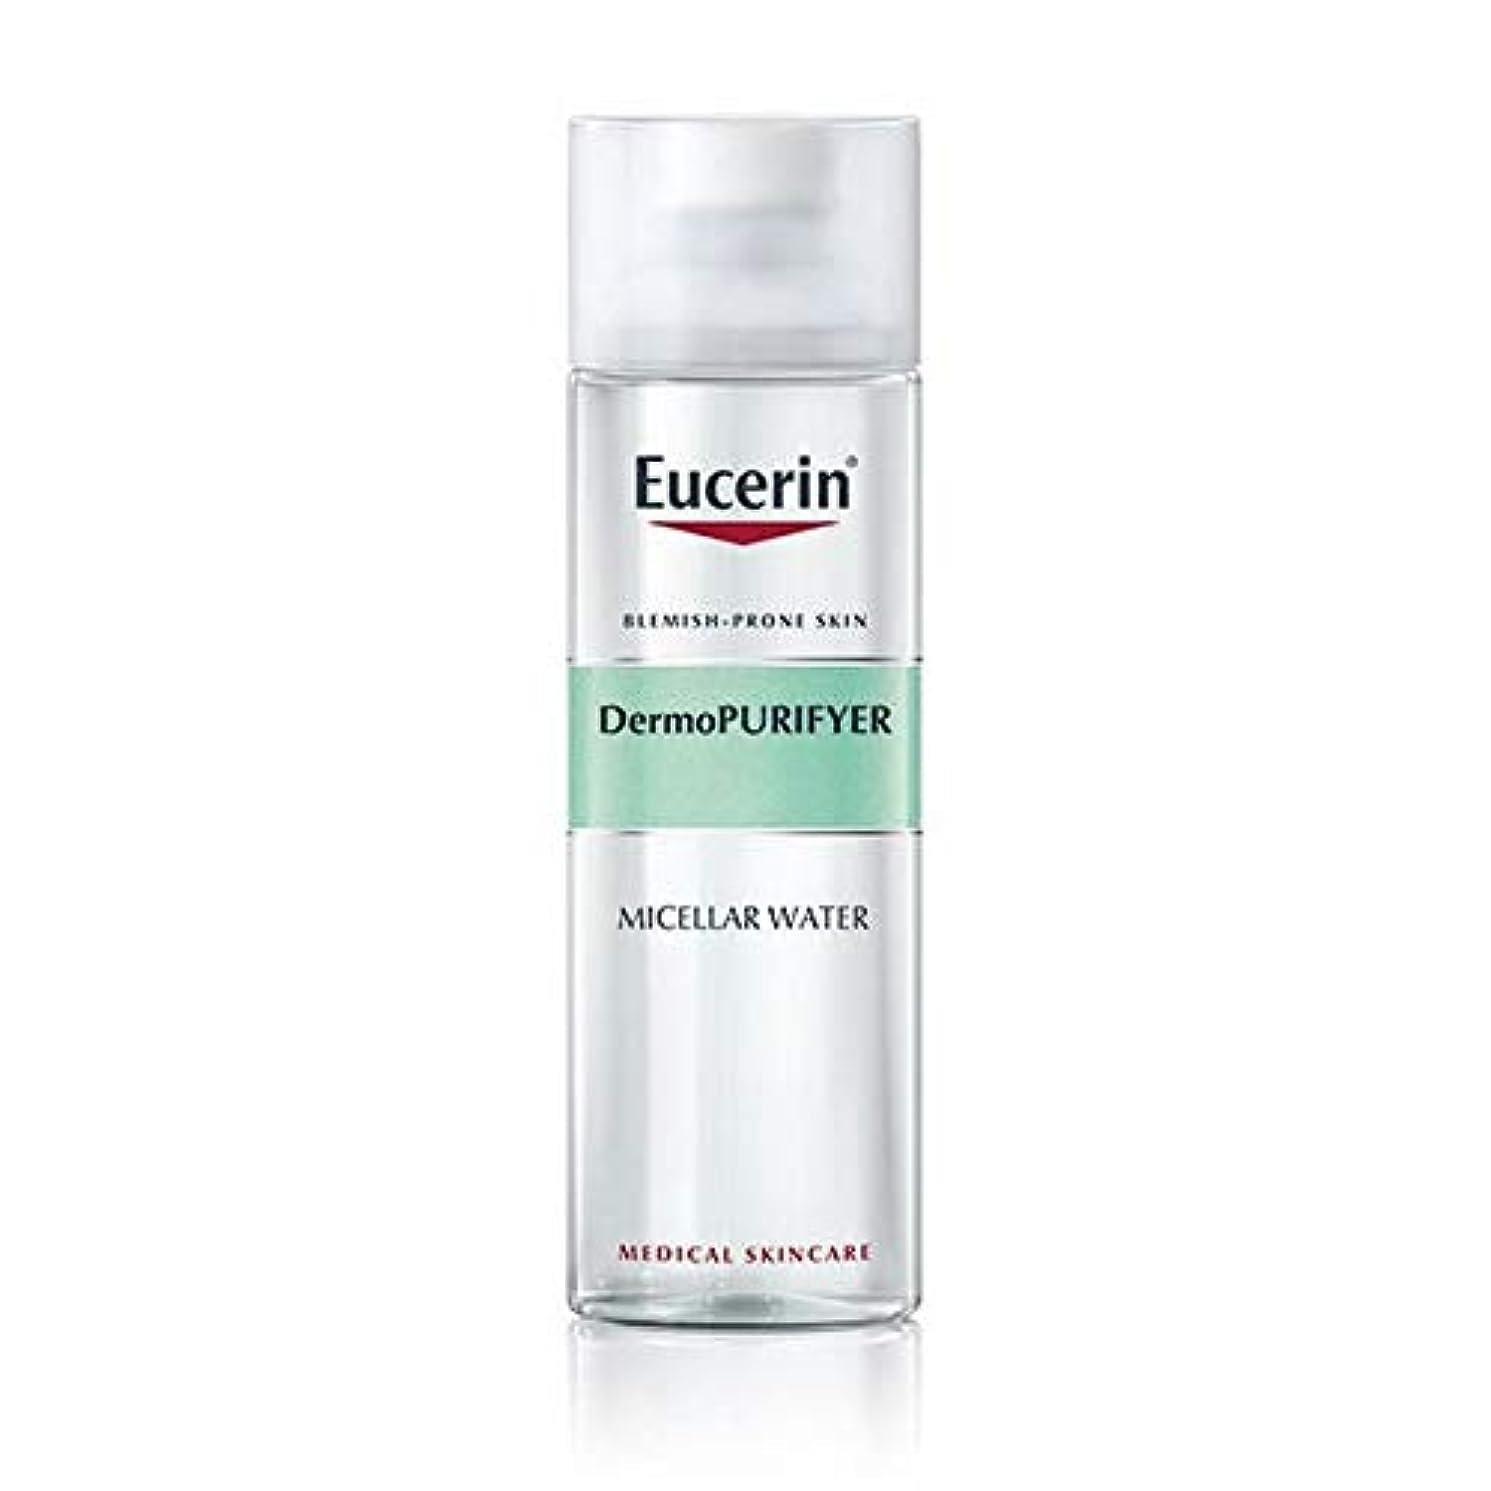 ベイビー驚くばかり偽物[Eucerin ] オイルコントロールミセル水200ミリリットルDermopurifyerユーセリン - Eucerin Dermopurifyer Oil Control Micellar Water 200ml [並行輸入品]